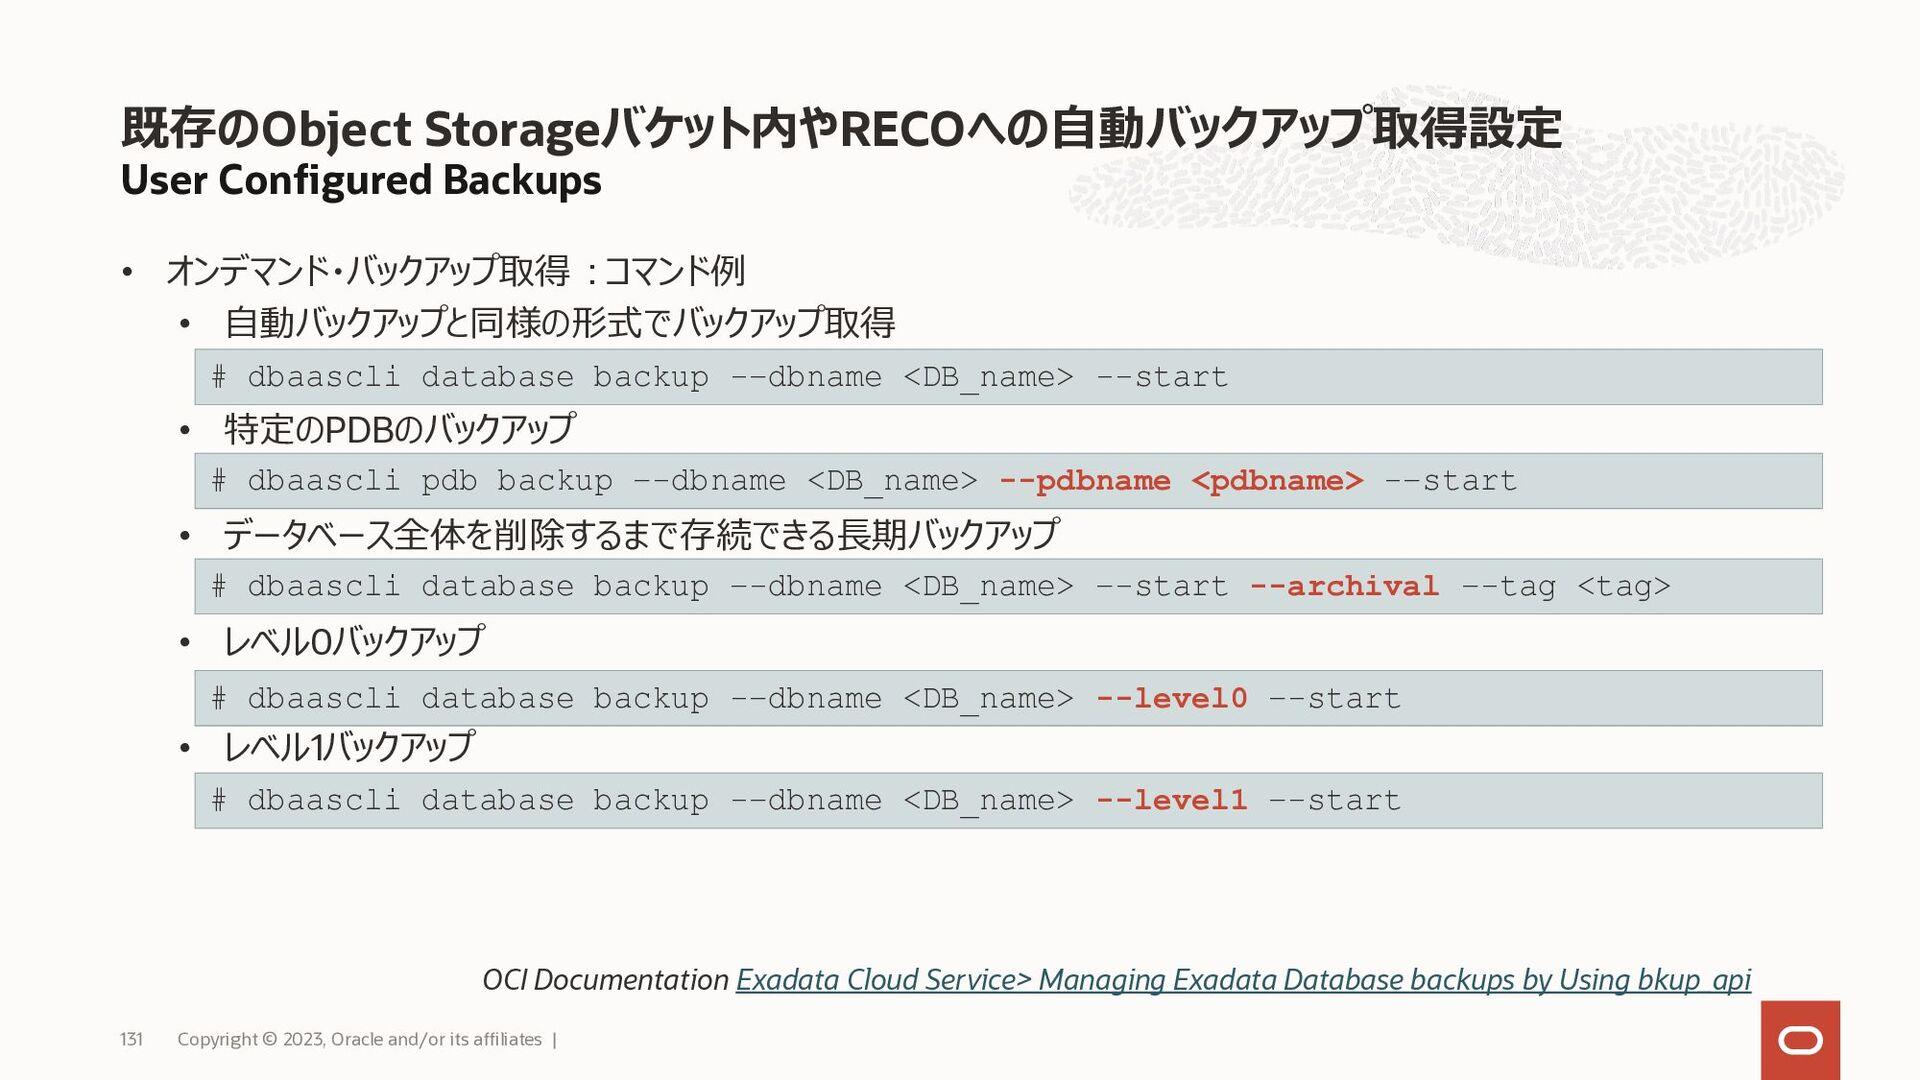 ユーザーはVM内のみアクセス可能 アクセス可能な部分から取得可能であれば、操作/情報収集可能 ...